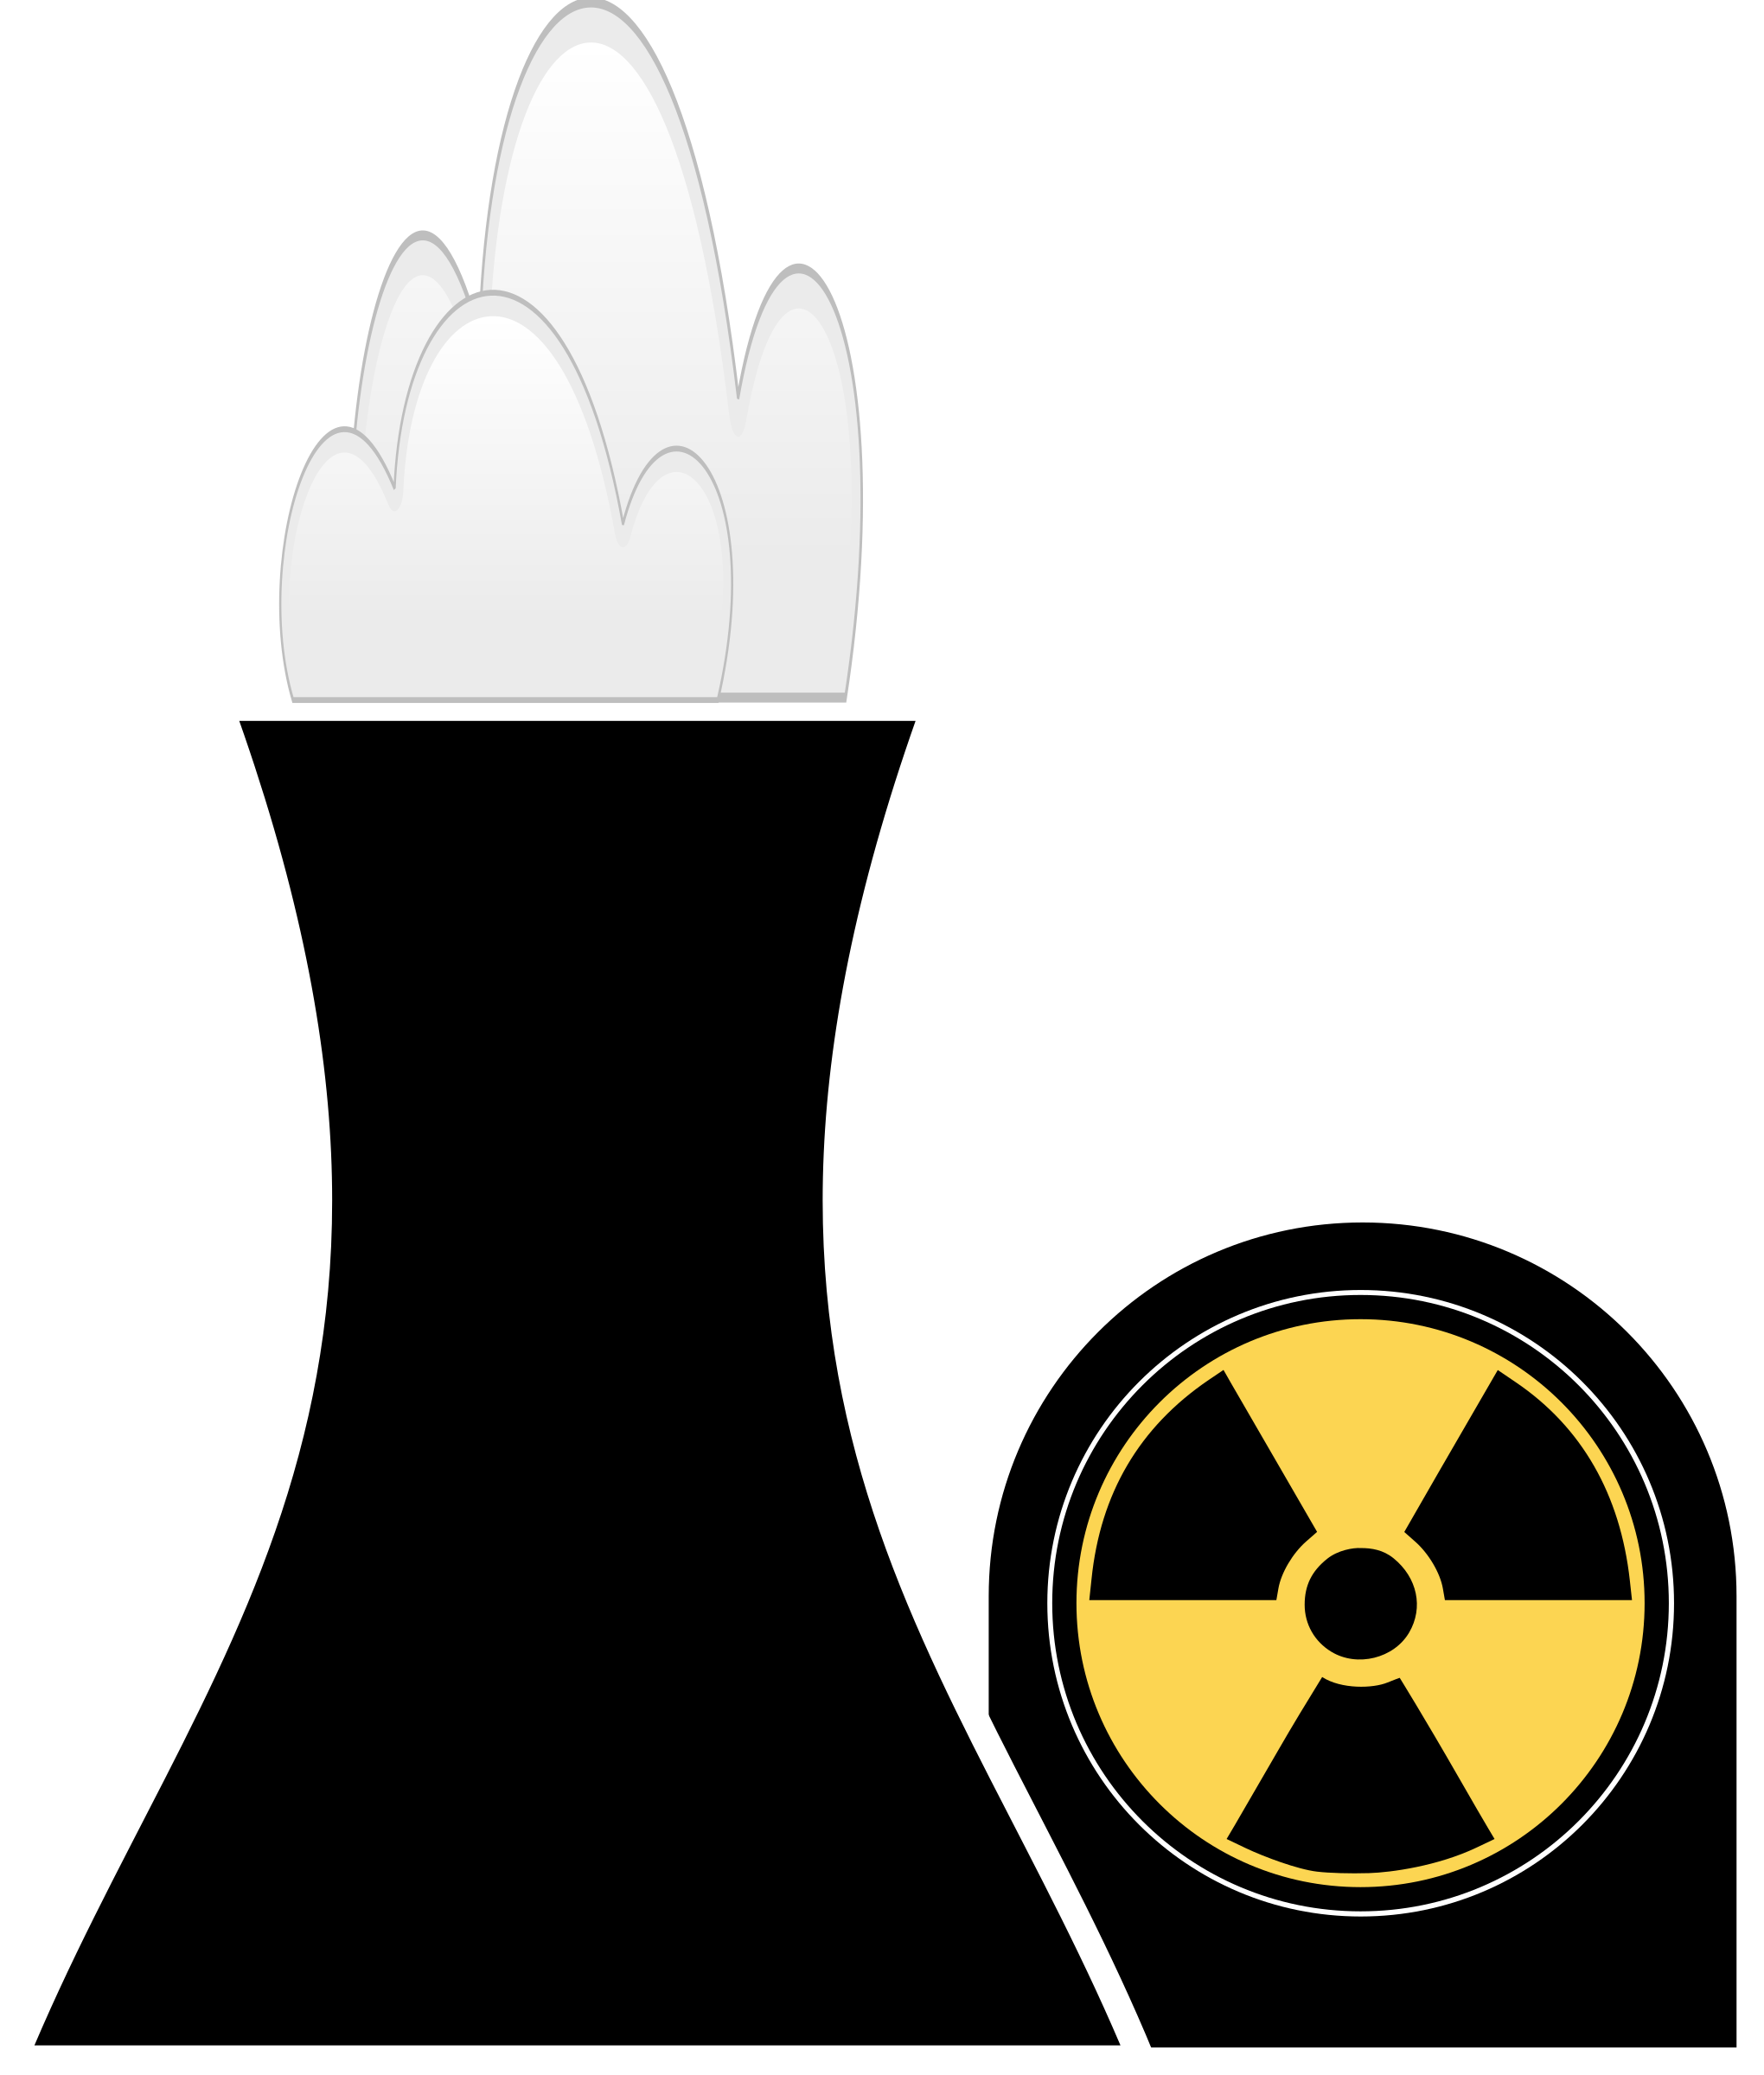 Coal clipart svg. Nuclear plant black big